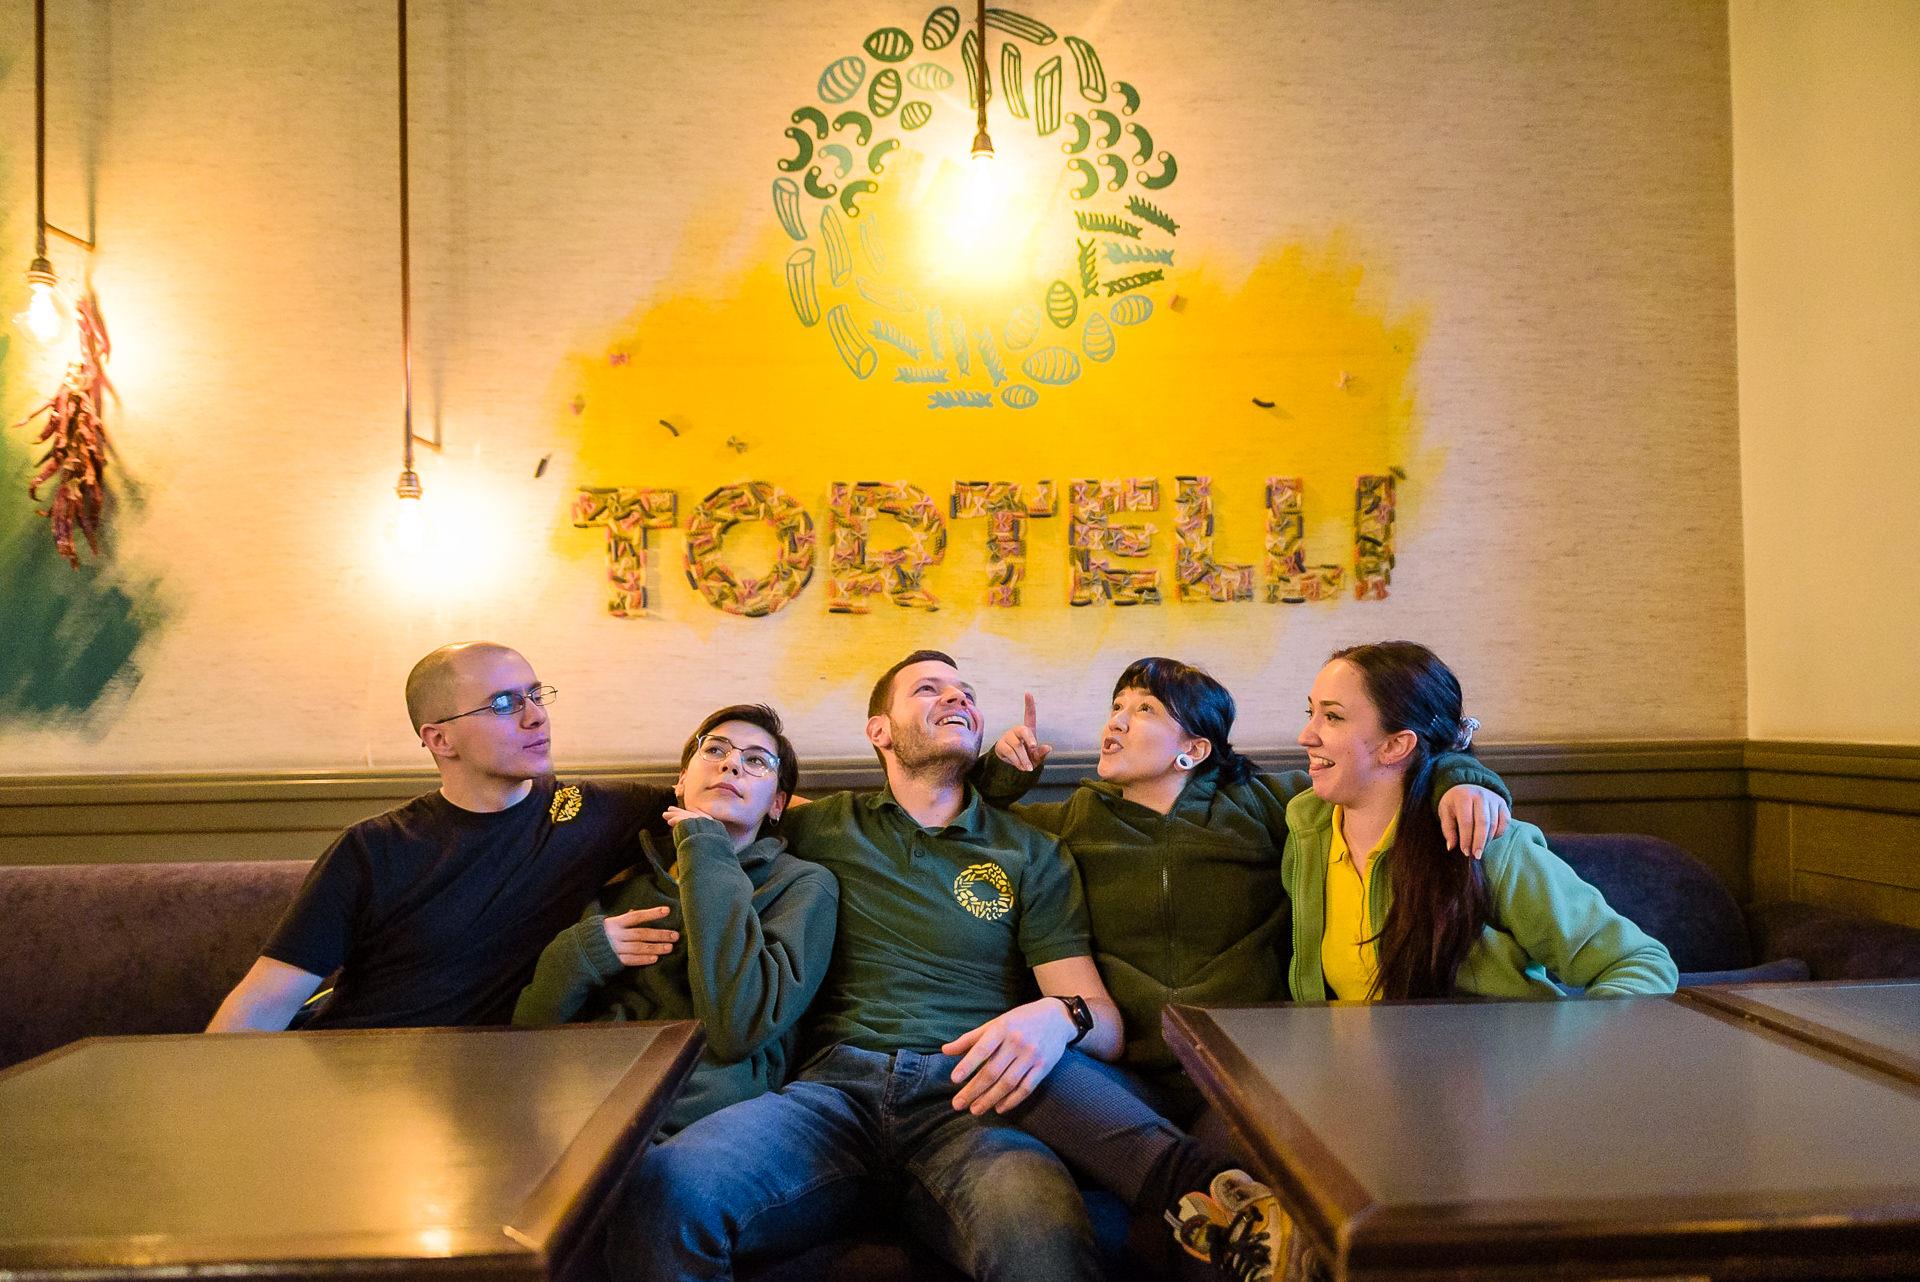 Interviu cu echipa de ospătari de la Tortelli Pasta Bar